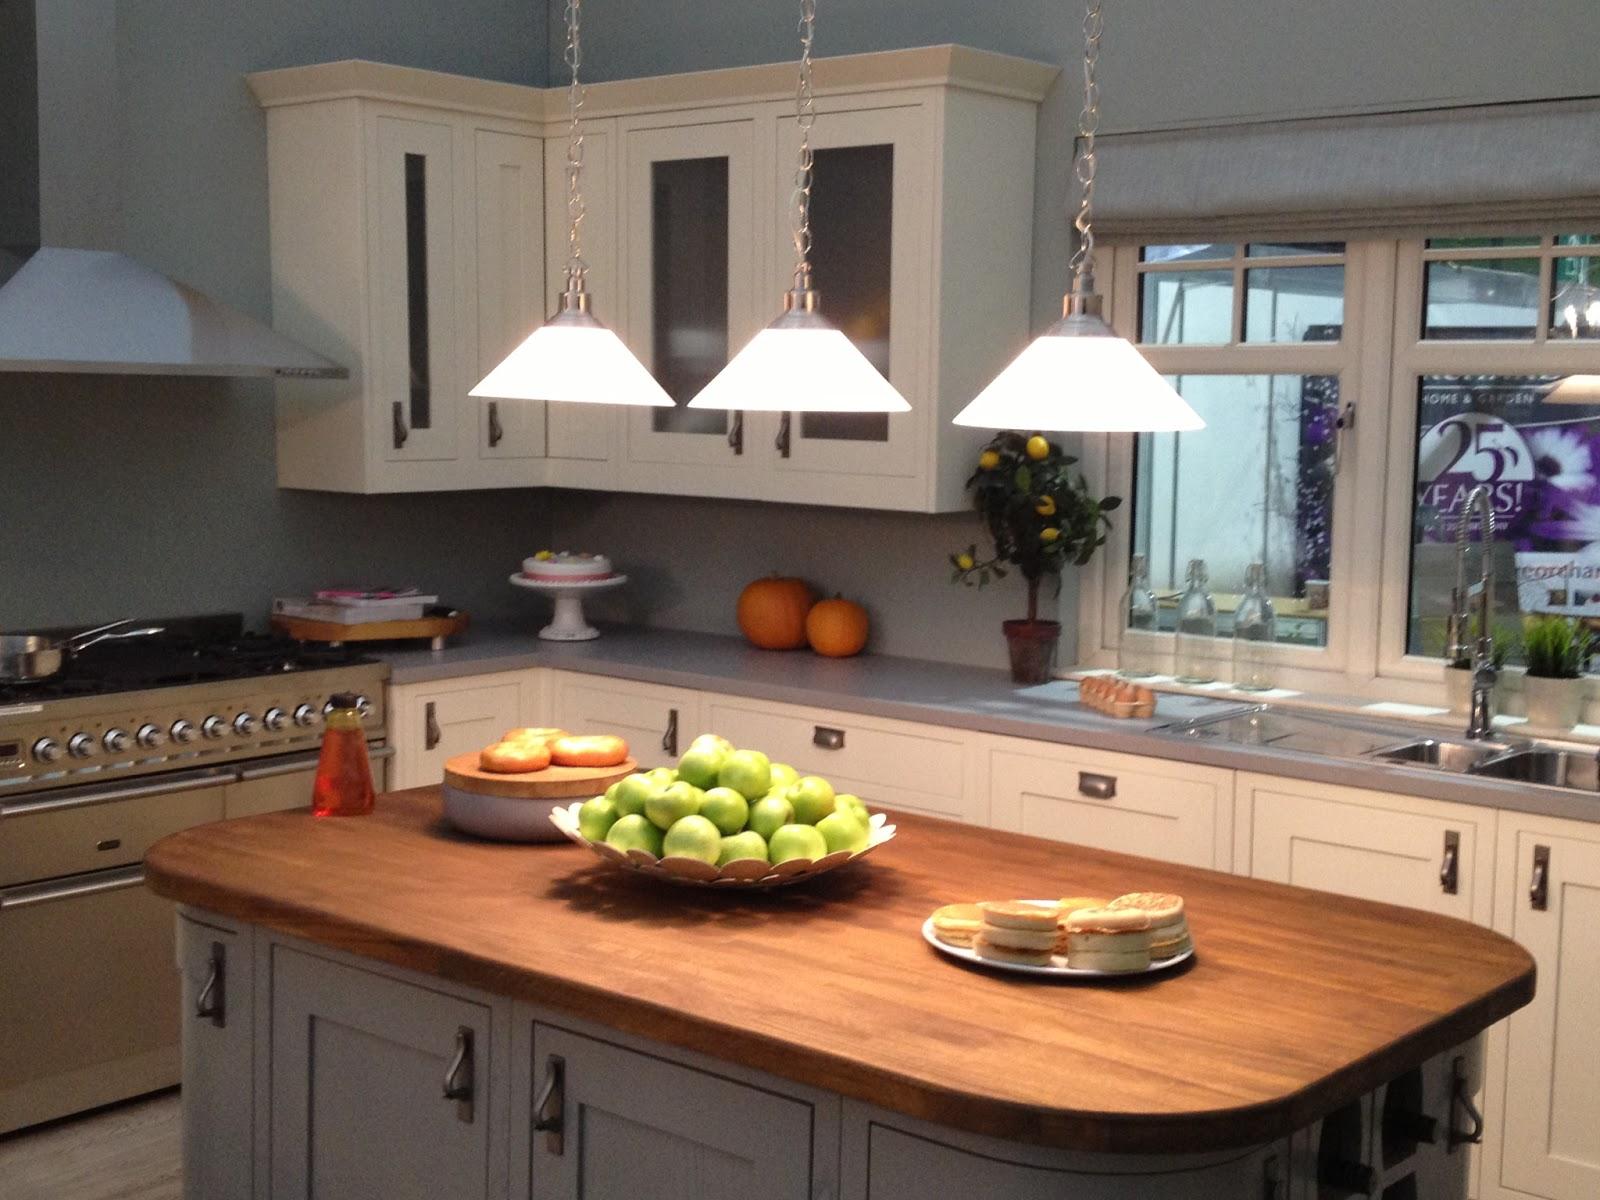 Kuhinje i vrata za va dom - S kitchens ...